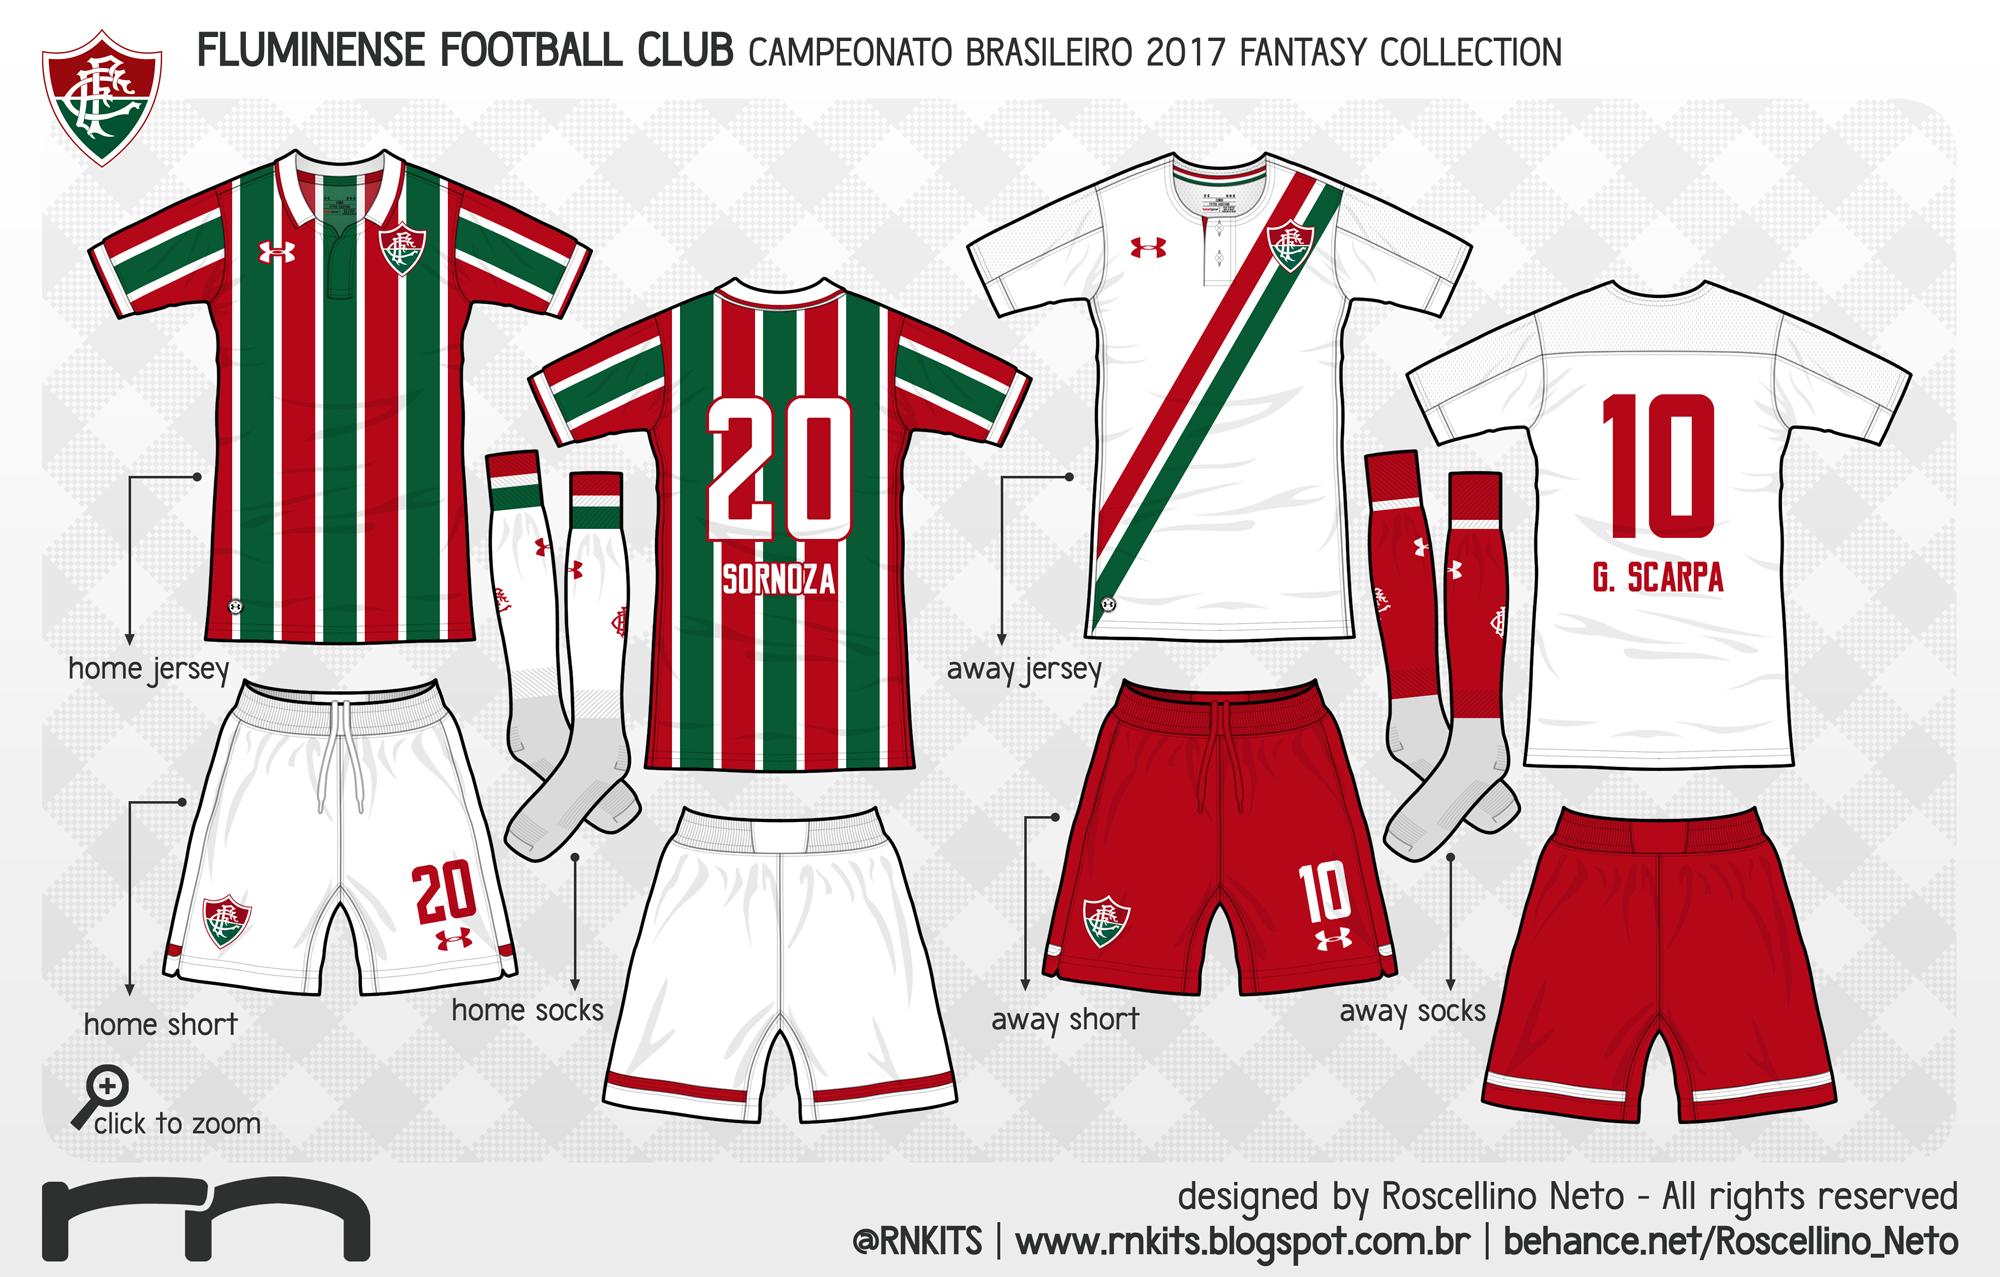 ... o primeiro deles é o Fluminense. Optei por fazer o kit home mais  tradicional 0f0b46c248667